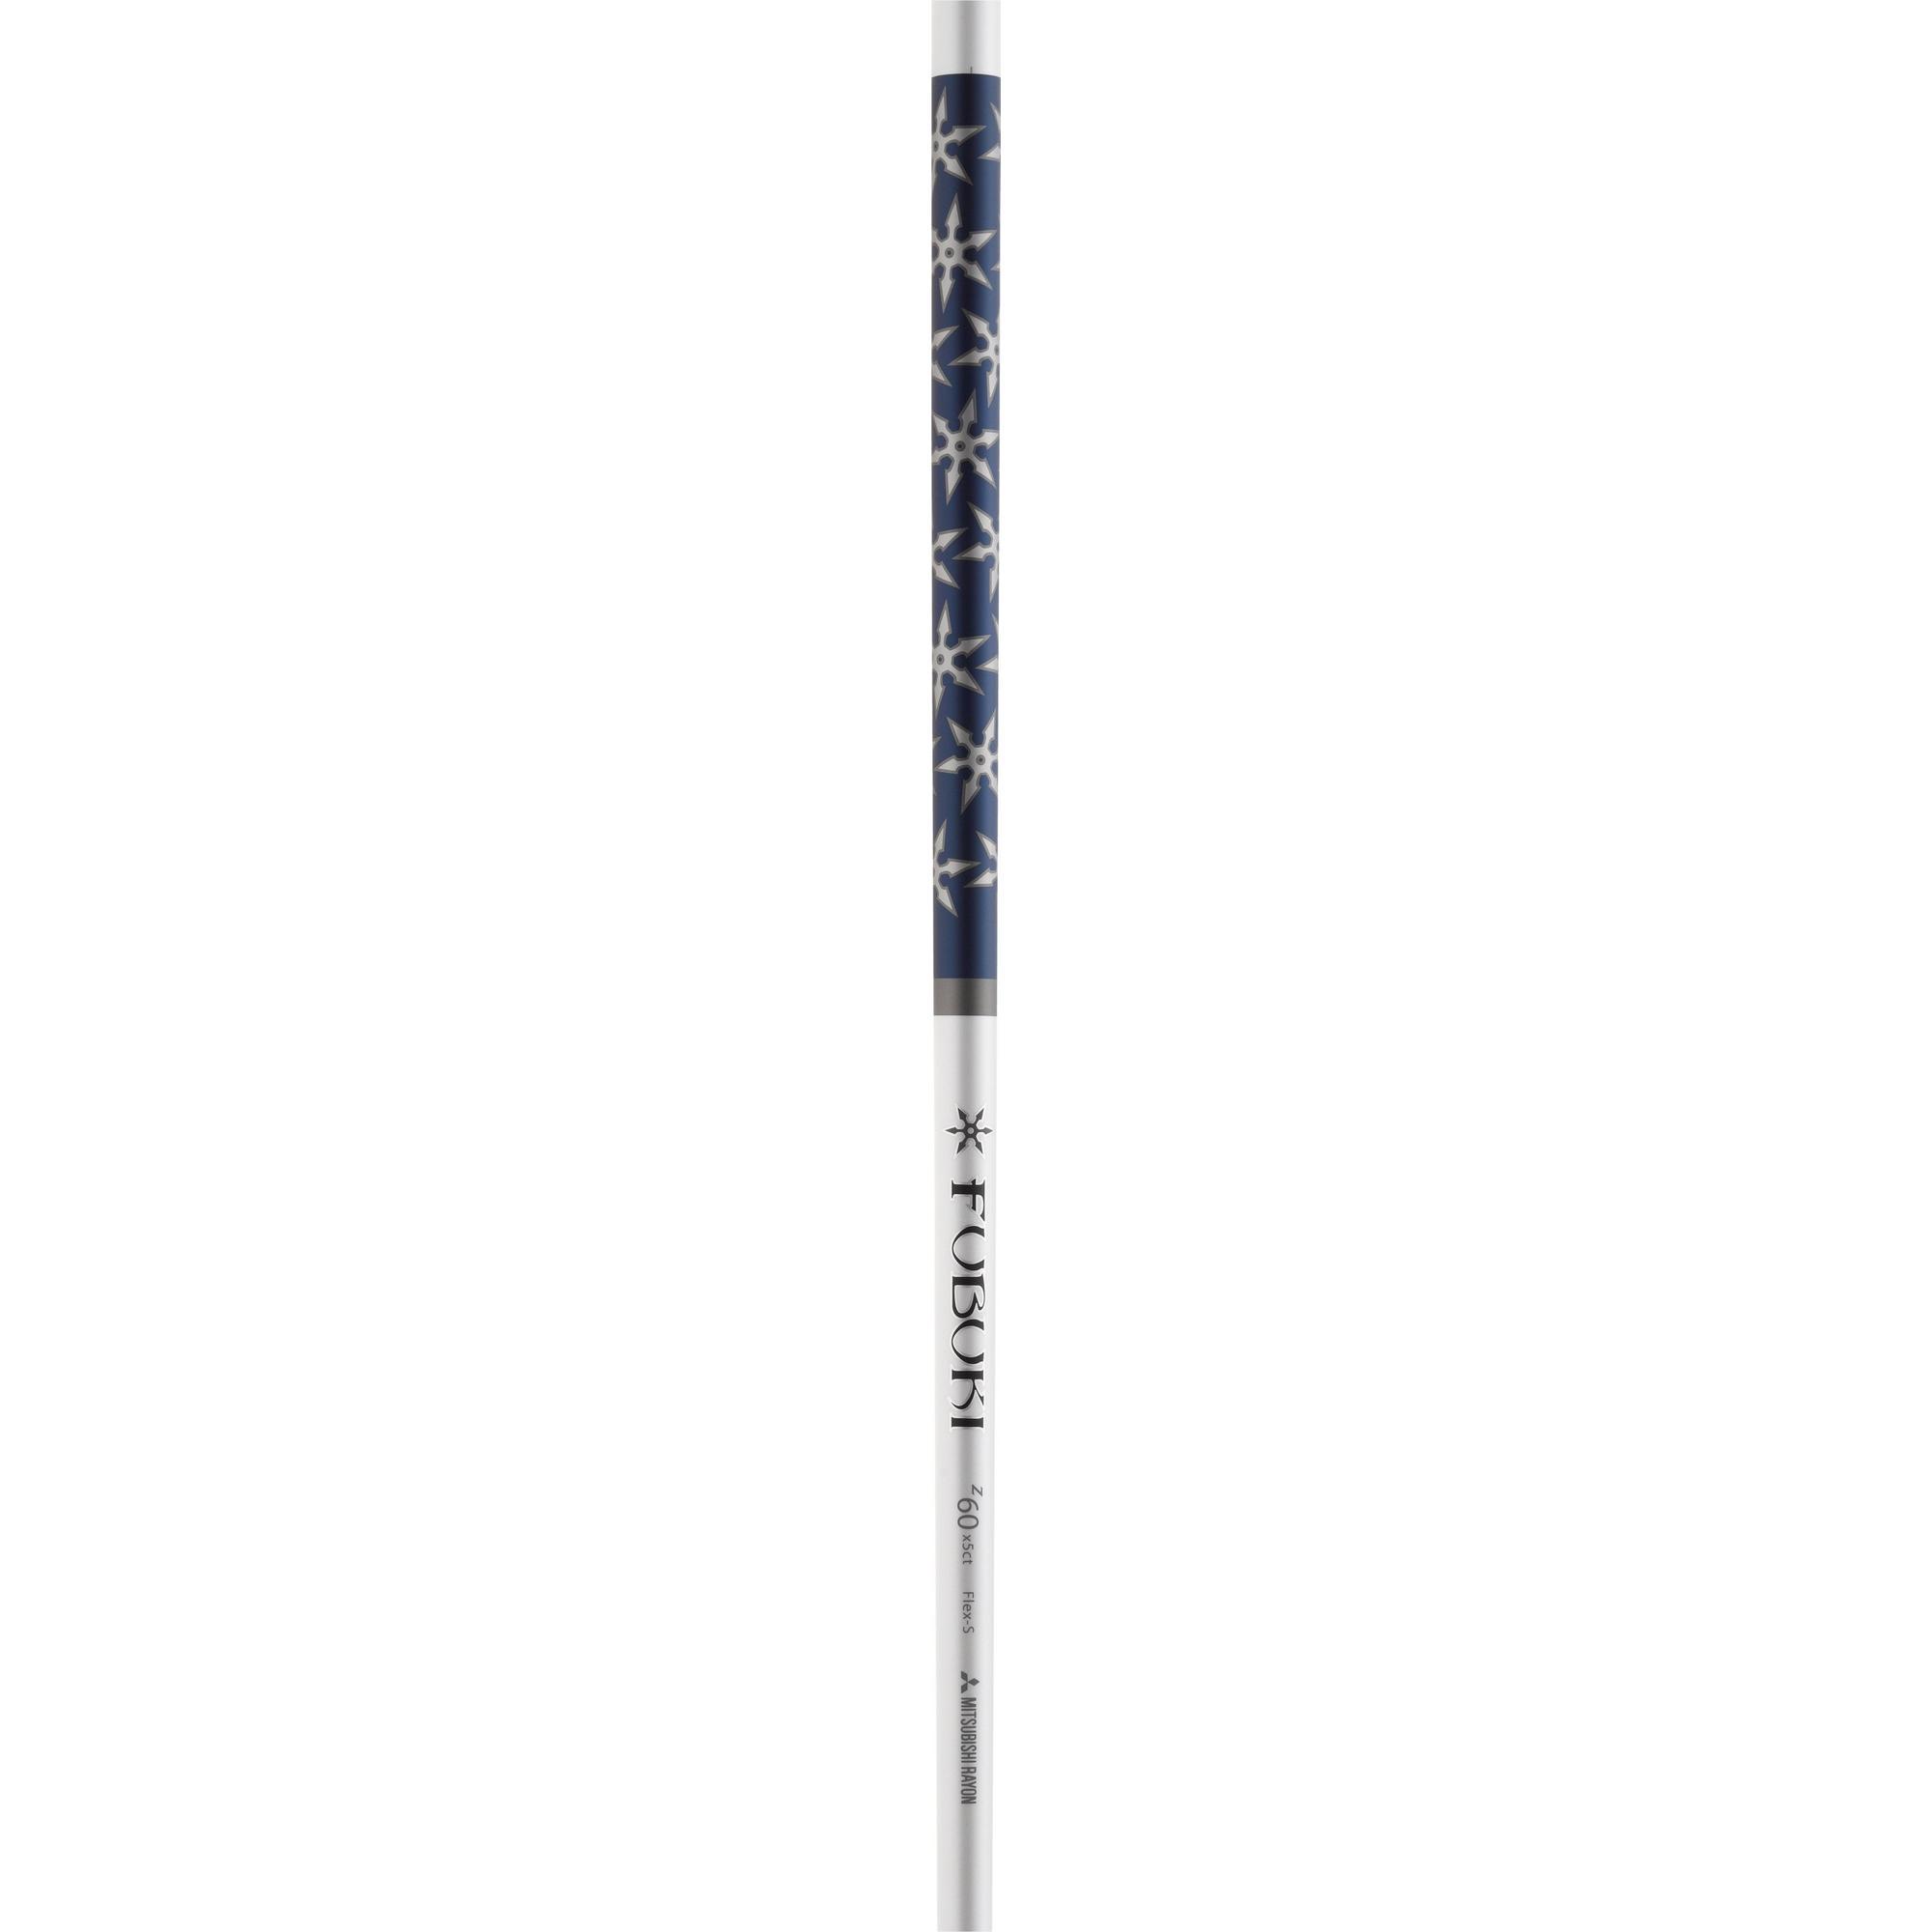 Tige en graphite Fubuki Z 70 .335 pour bois